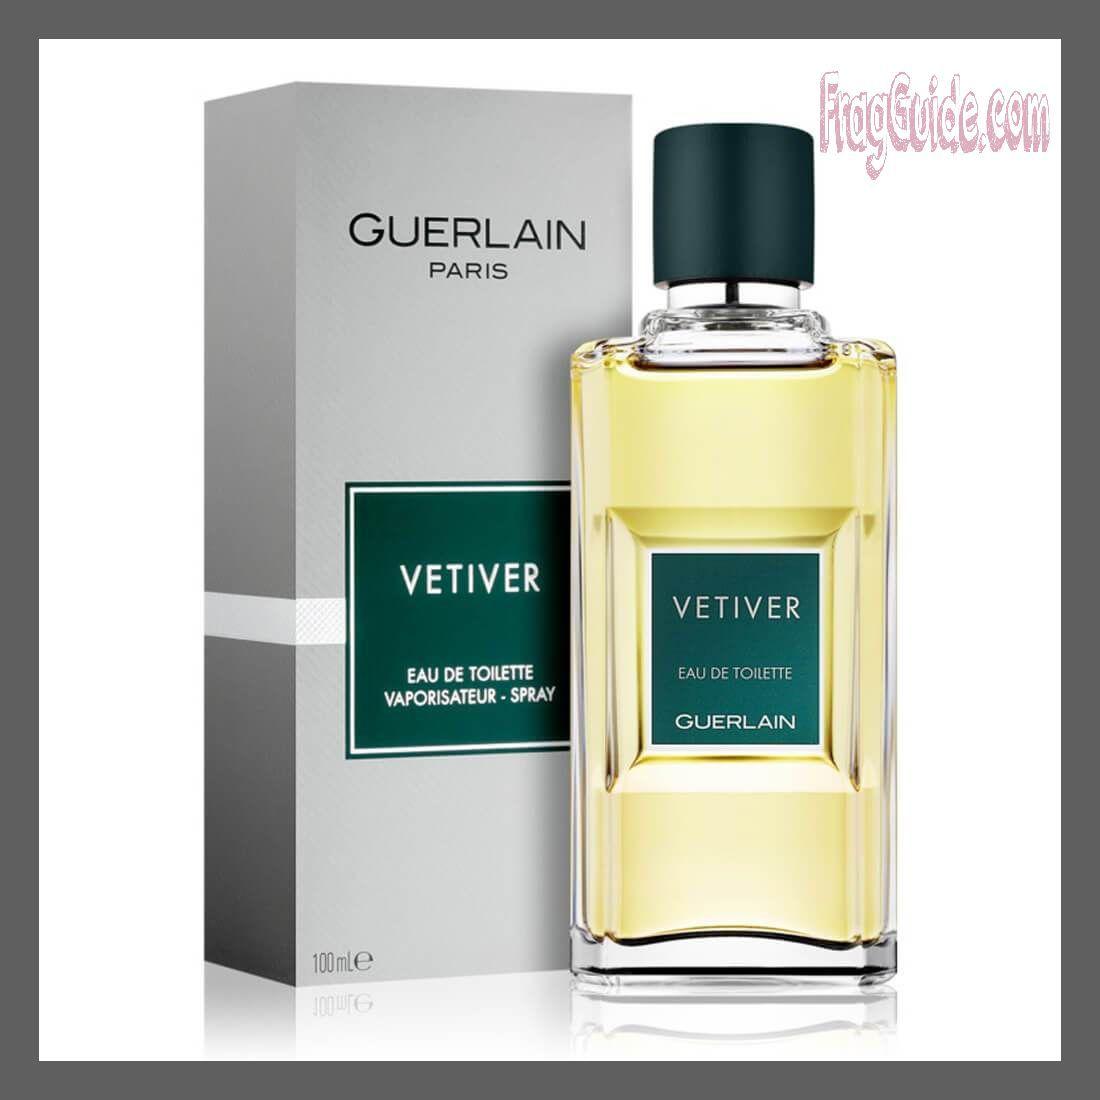 عطر فيتيفر Vetiver للرجال من عطور جيرلان Guerlain Vetiver Perfume Bottles Fragrance